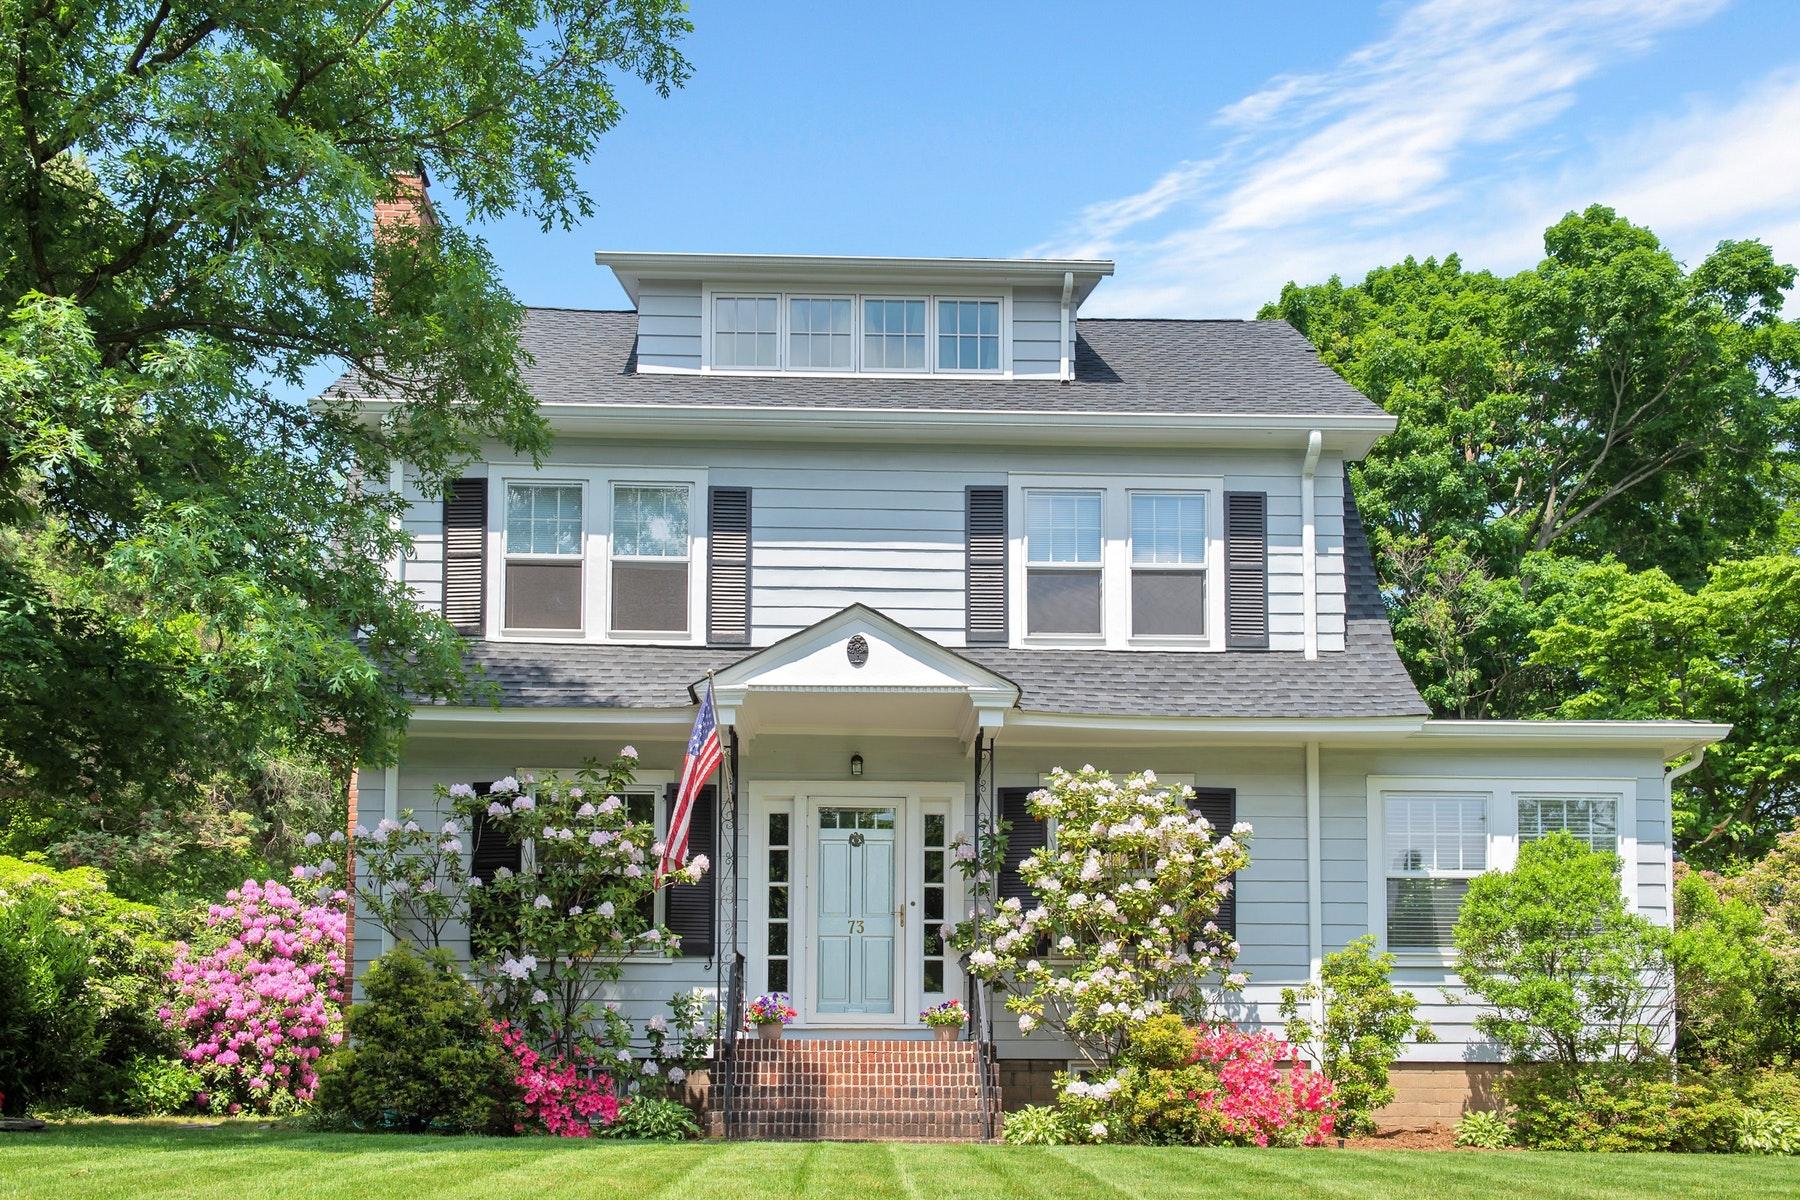 独户住宅 为 销售 在 Classic Glen Ridge Center Hall Colonial 73 Oxford Street, 格伦岭, 新泽西州 07028 美国